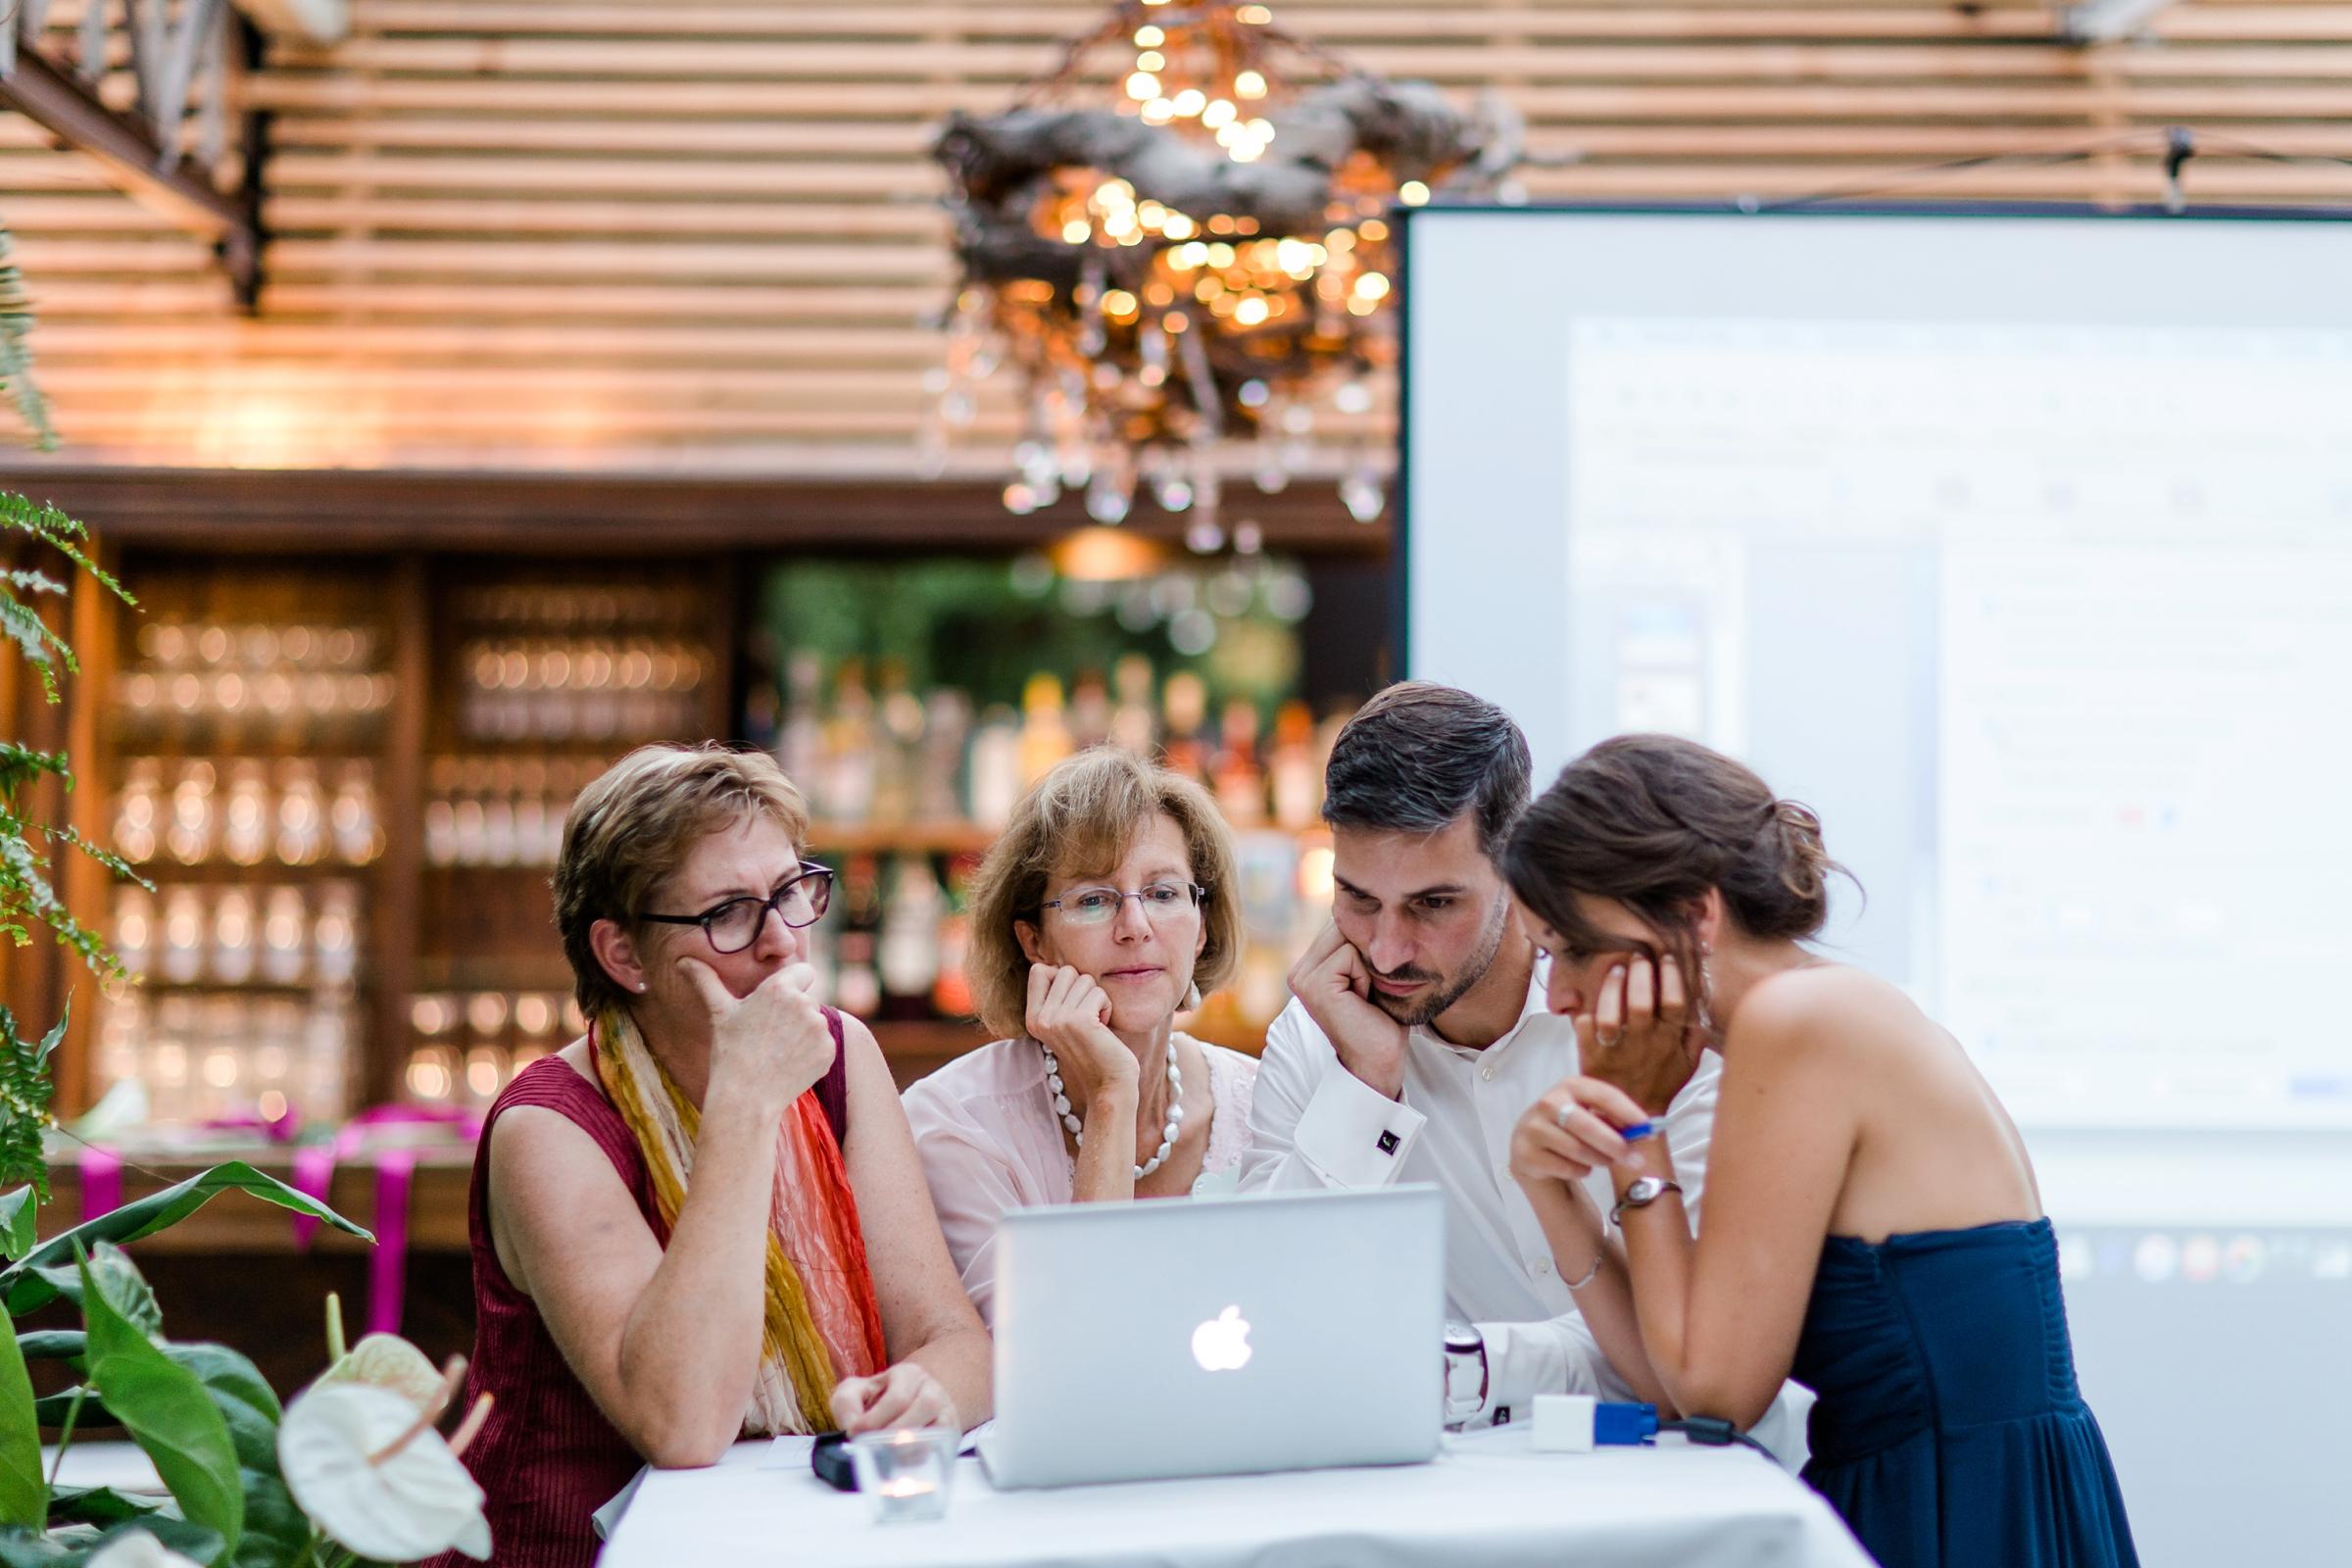 Hochzeitsfotograf-Zuerich-Giardino-Verde-Uitikon-Gaeste-Familie-besprechen-Programmpunkte